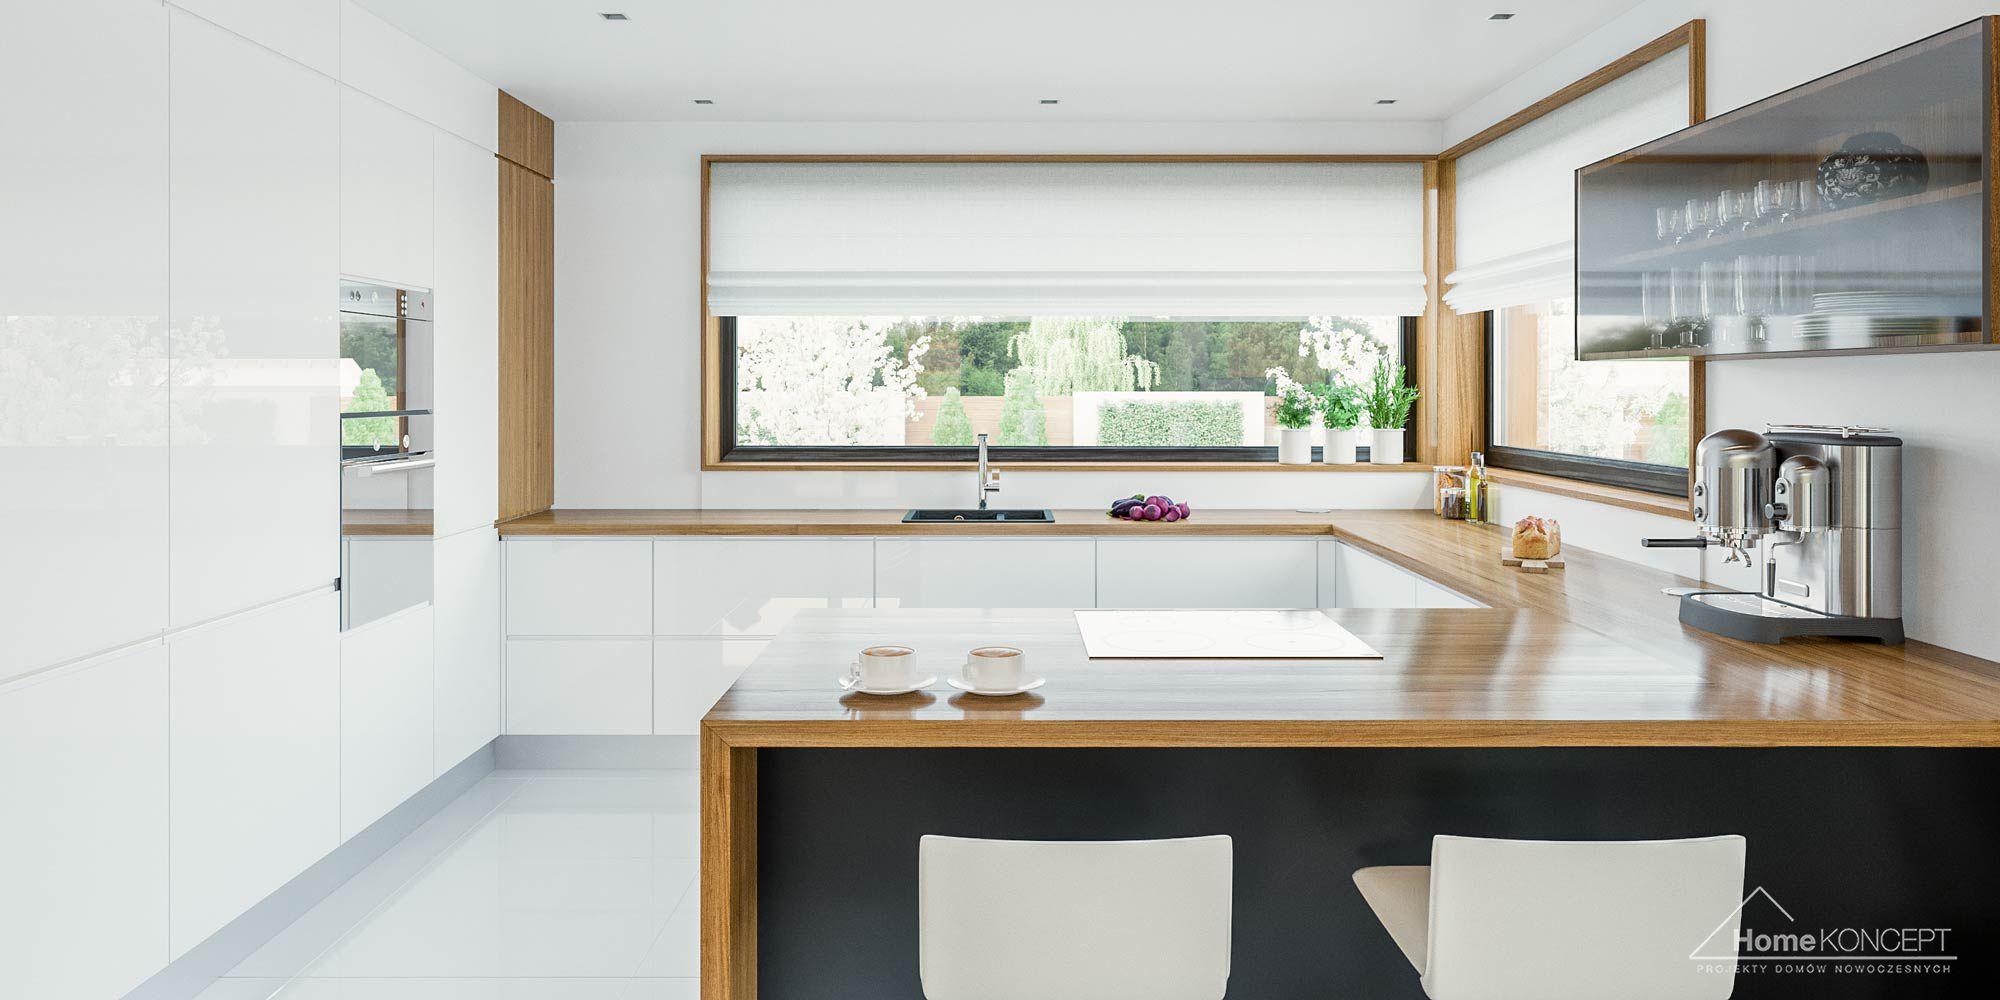 Homekoncept Minimalist Kitchen Cabinets Kitchen Room Design Kitchen Design